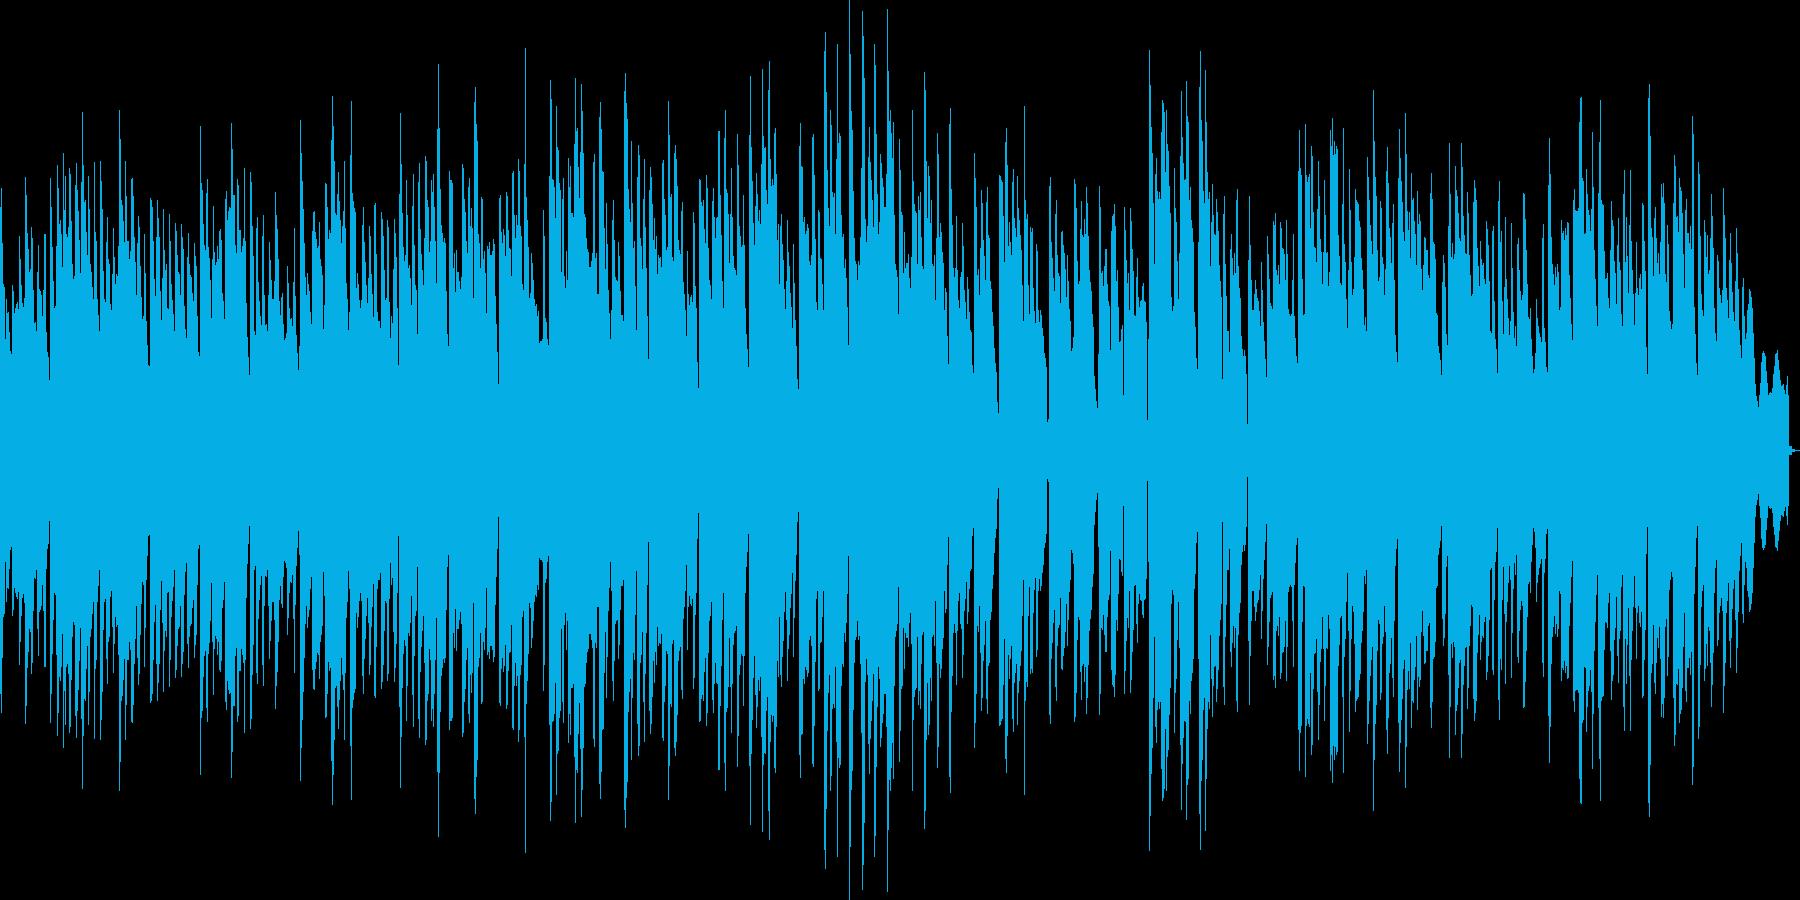 黄昏た雰囲気のオルゴールの再生済みの波形